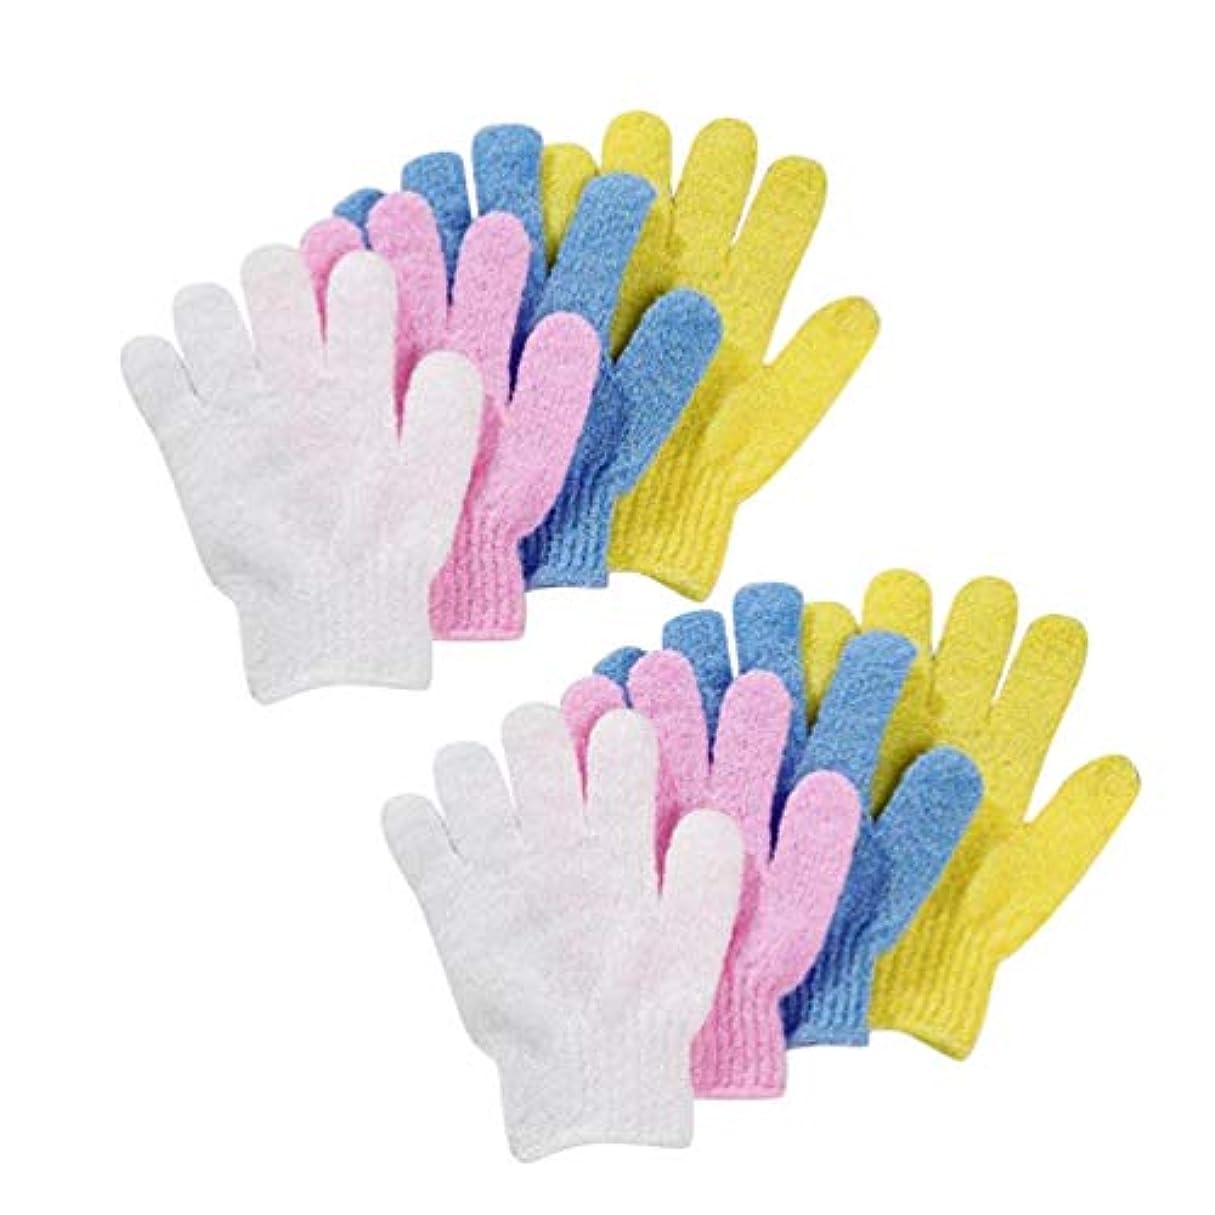 モザイクイデオロギーサポートFrcolor 浴用手袋 お風呂手袋 五本指 泡立ち 角質取り シャワーバスグローブ ナイロン 垢すり手袋 バス用品 4ペア 8枚セット(ホワイト)